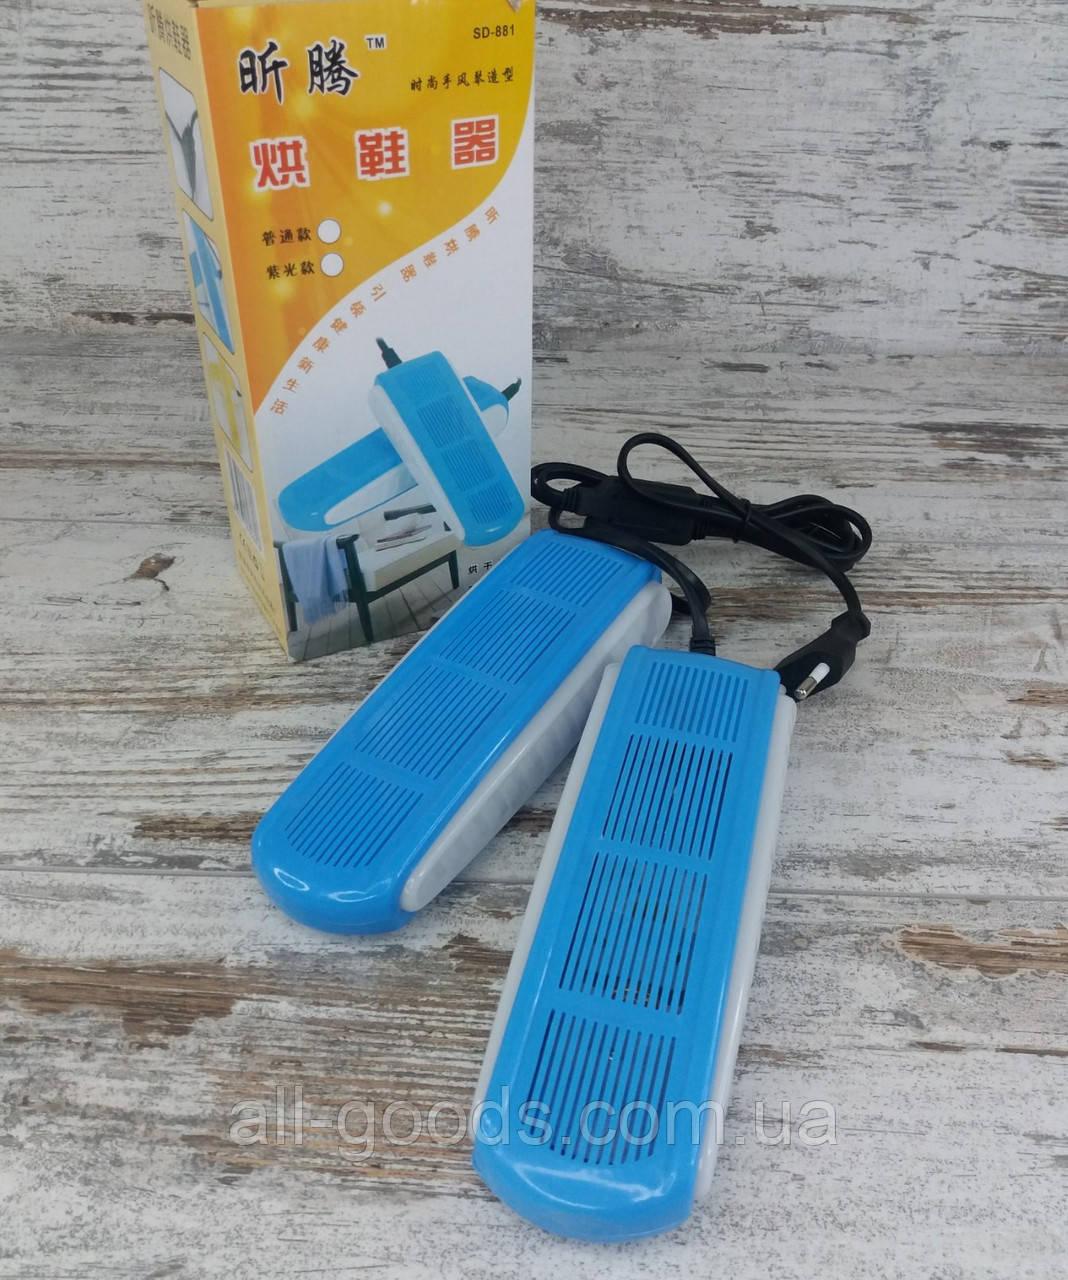 Электросушилка для обуви Xin Teng SD-881. Прибор для сушки обуви. Сушилка бытовая обувная